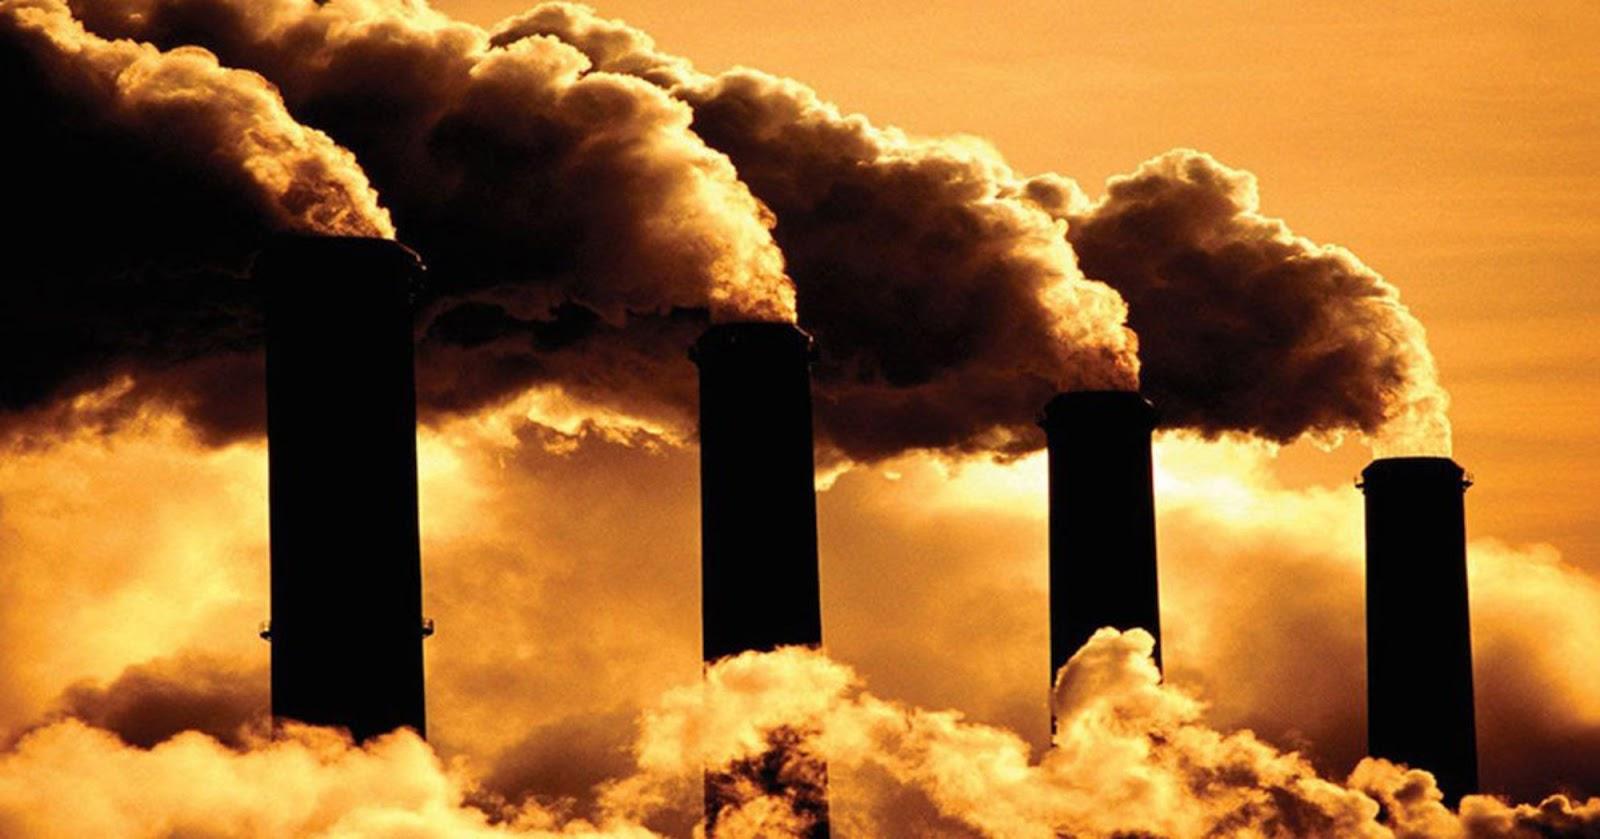 Утилизация тепла дымовых газов: экология с выгодой - 1